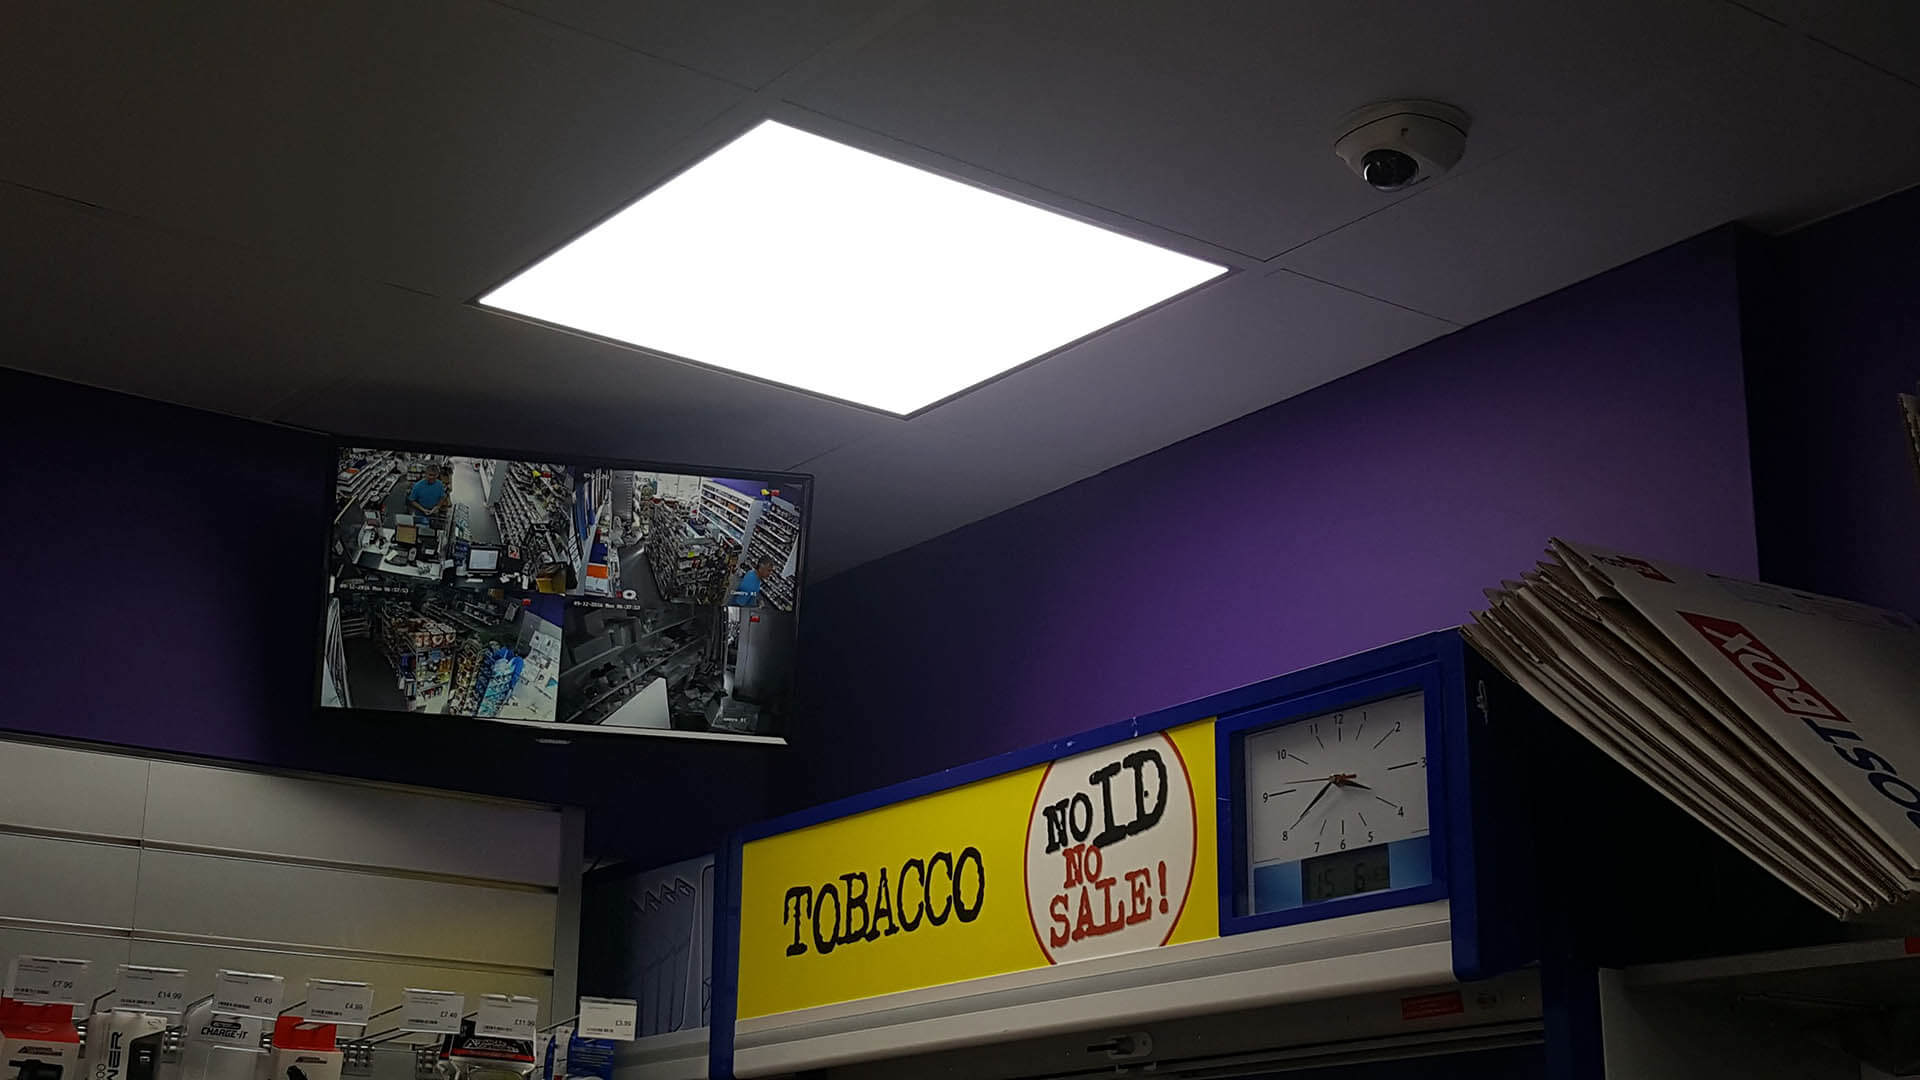 CCTV Installation in Buckhurst Hill, Essex